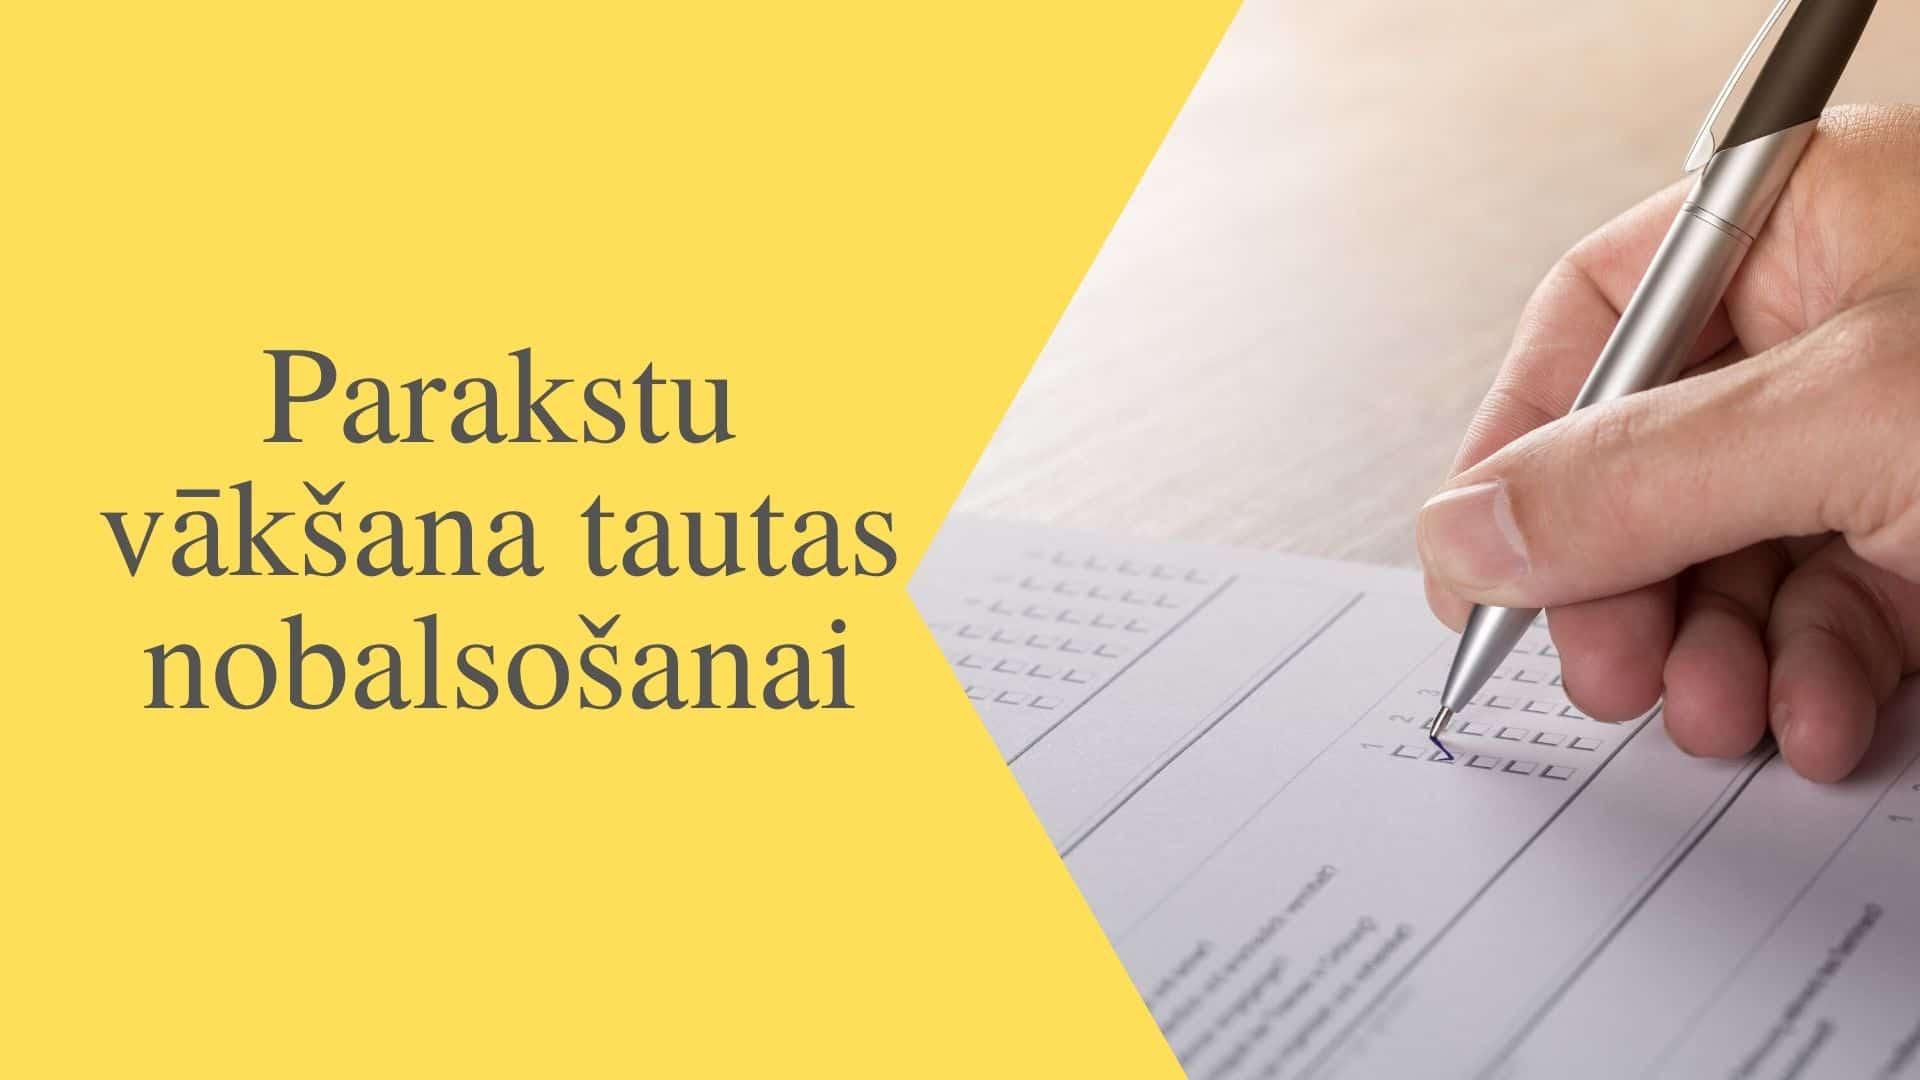 Sāksies parakstu vākšana tautas nobalsošanas ierosināšanai par Valsts prezidenta apturētajiem likumiem